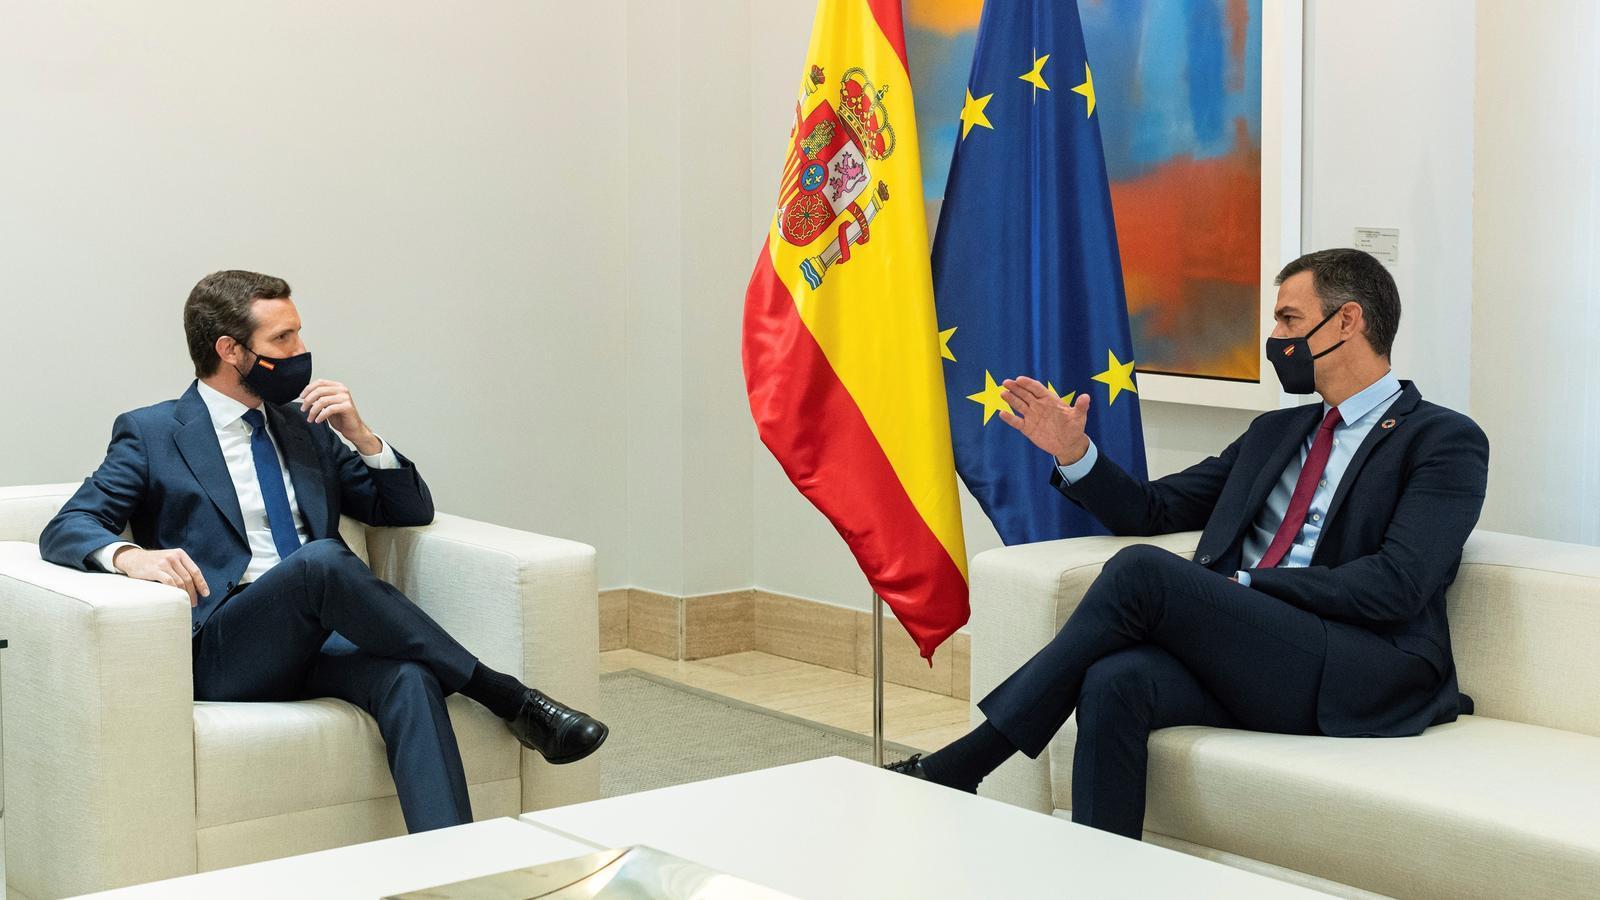 Pablo Casado i Pedro Sánchez reunits a la Moncloa per parlar dels pressupostos del 2021 i del desbloqueig d'òrgans institucionals.